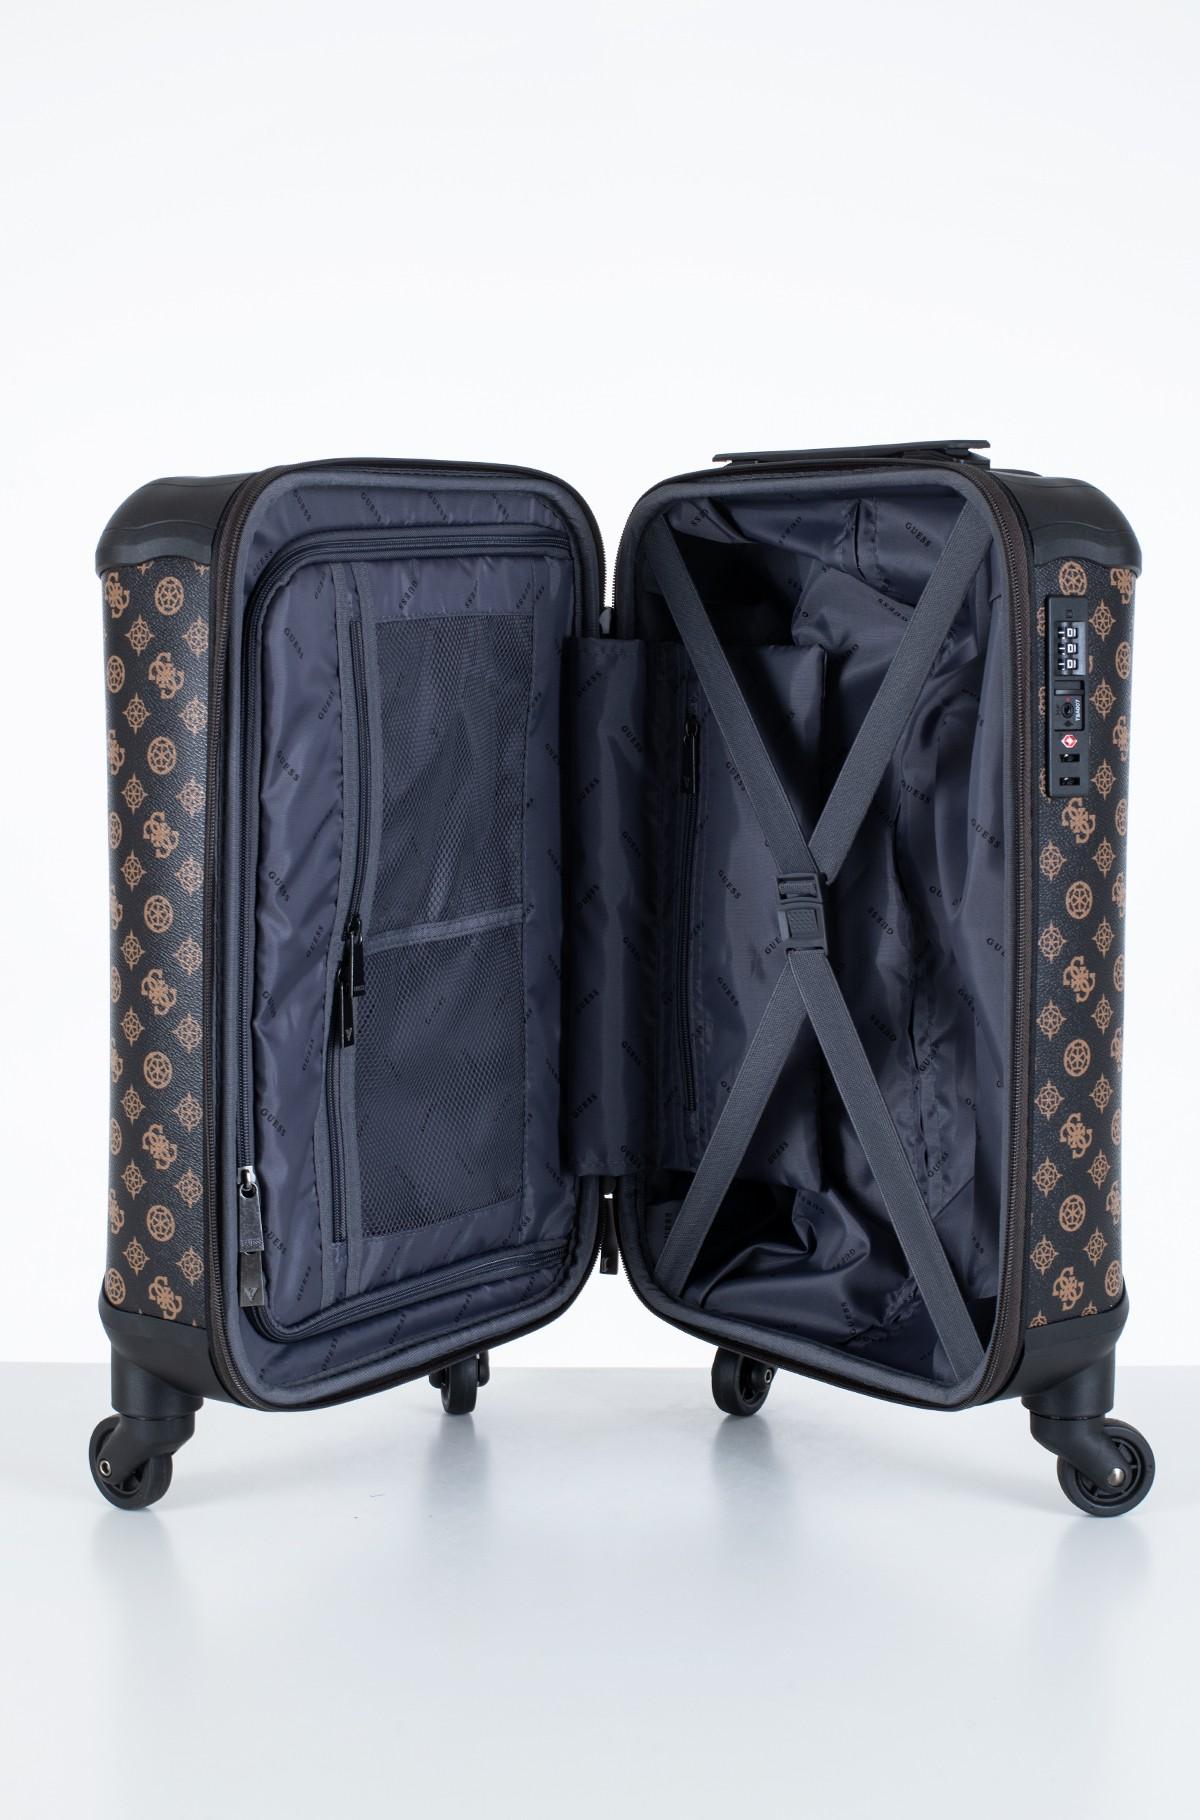 Reisikohver TWP745 29430-full-6